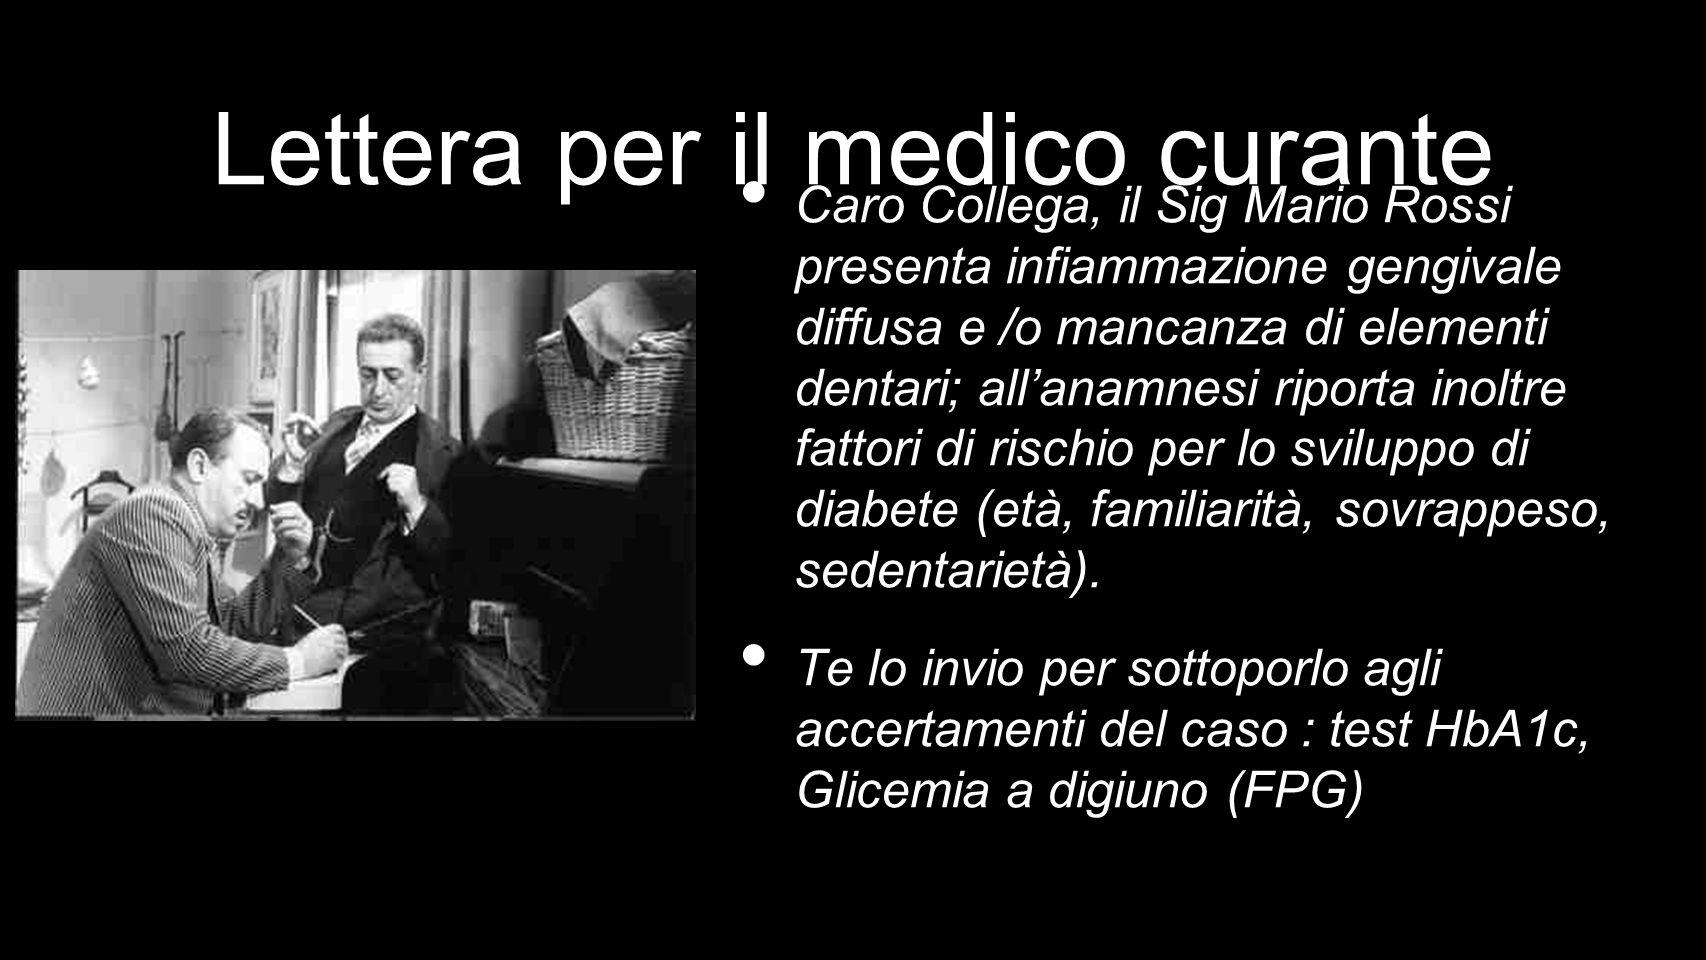 Lettera per il medico curante Caro Collega, il Sig Mario Rossi presenta infiammazione gengivale diffusa e /o mancanza di elementi dentari; allanamnesi riporta inoltre fattori di rischio per lo sviluppo di diabete (età, familiarità, sovrappeso, sedentarietà).